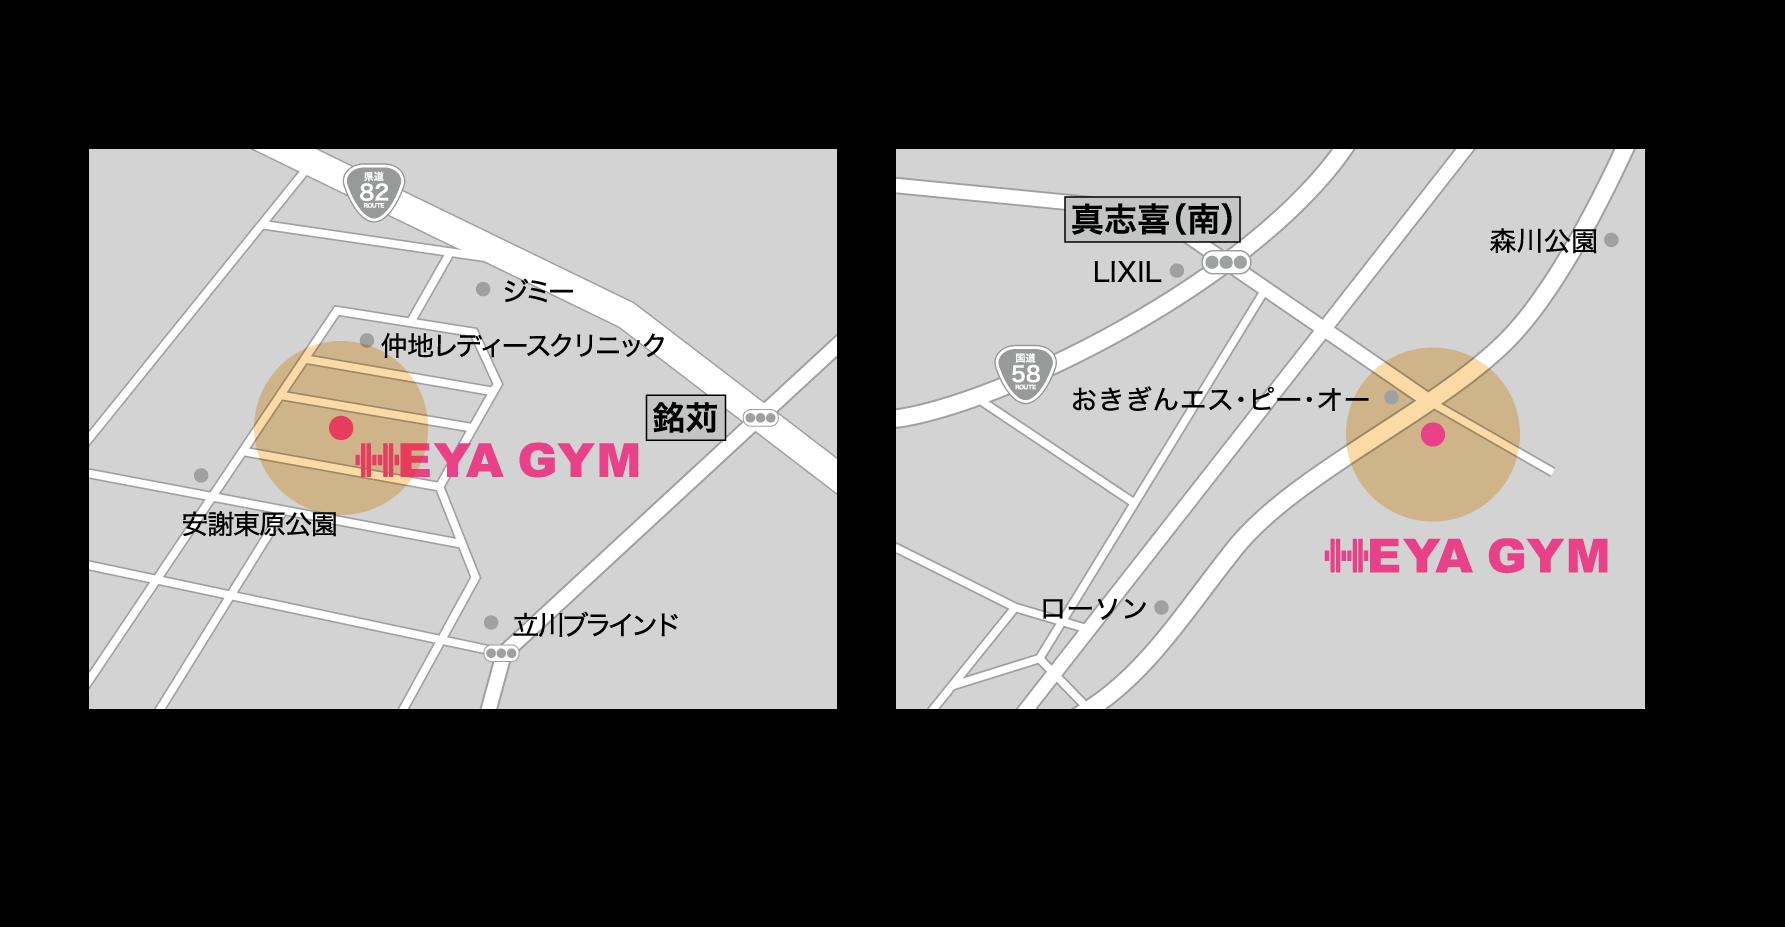 ヘヤジム(HEYA GYM) アクセス